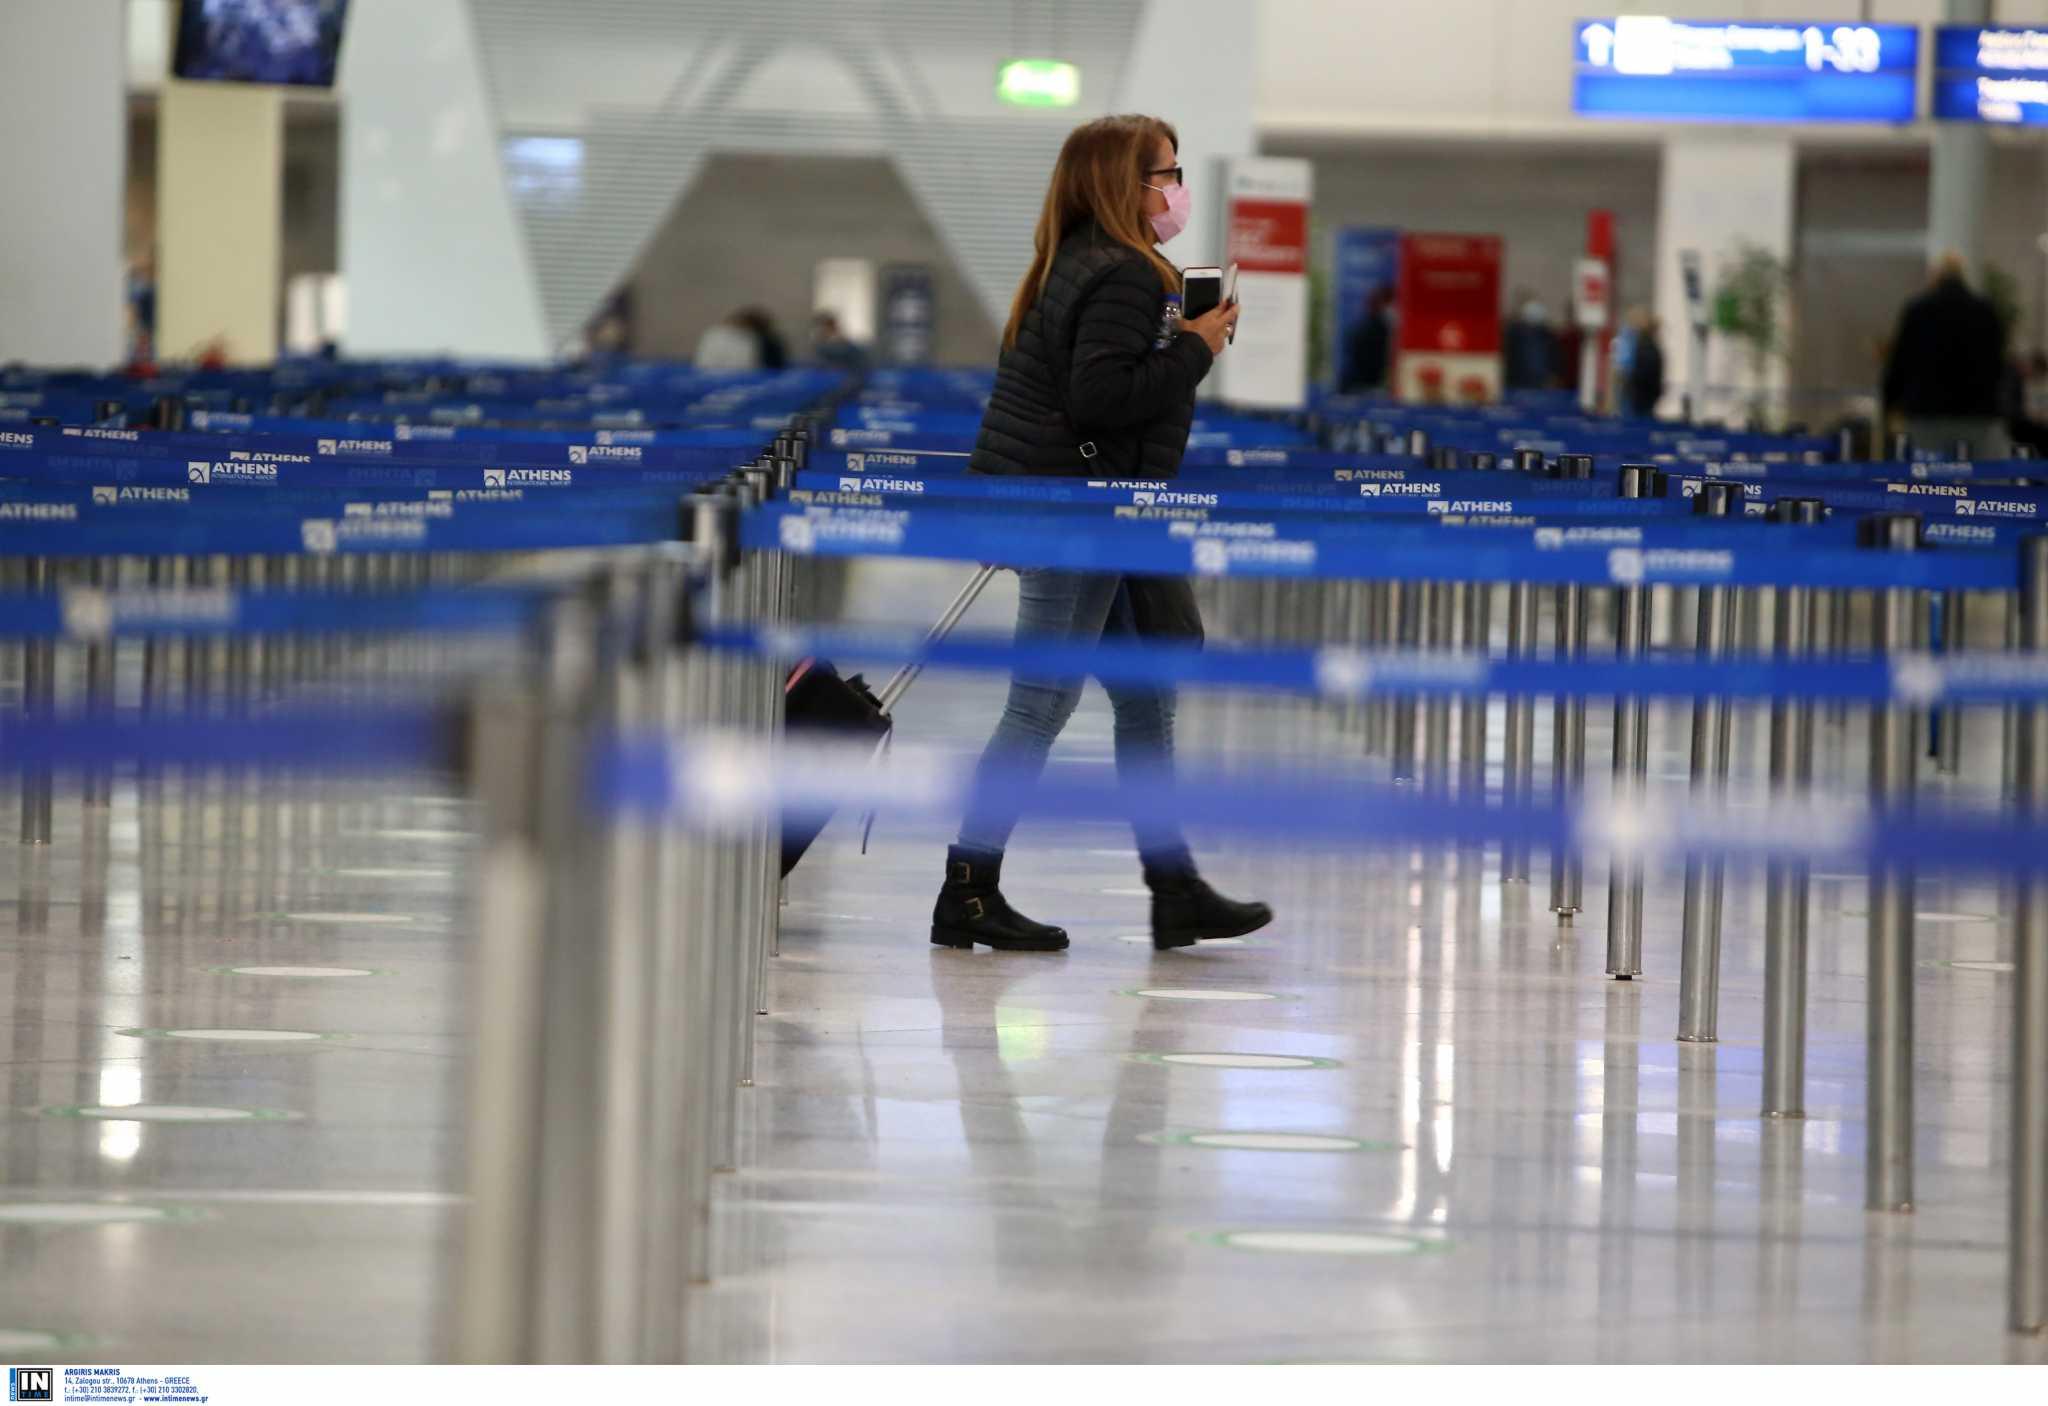 Ευρωπαϊκό πράσινο πιστοποιητικό: Άρχισε η πιλοτική εφαρμογή και συμμετέχει και η Ελλάδα